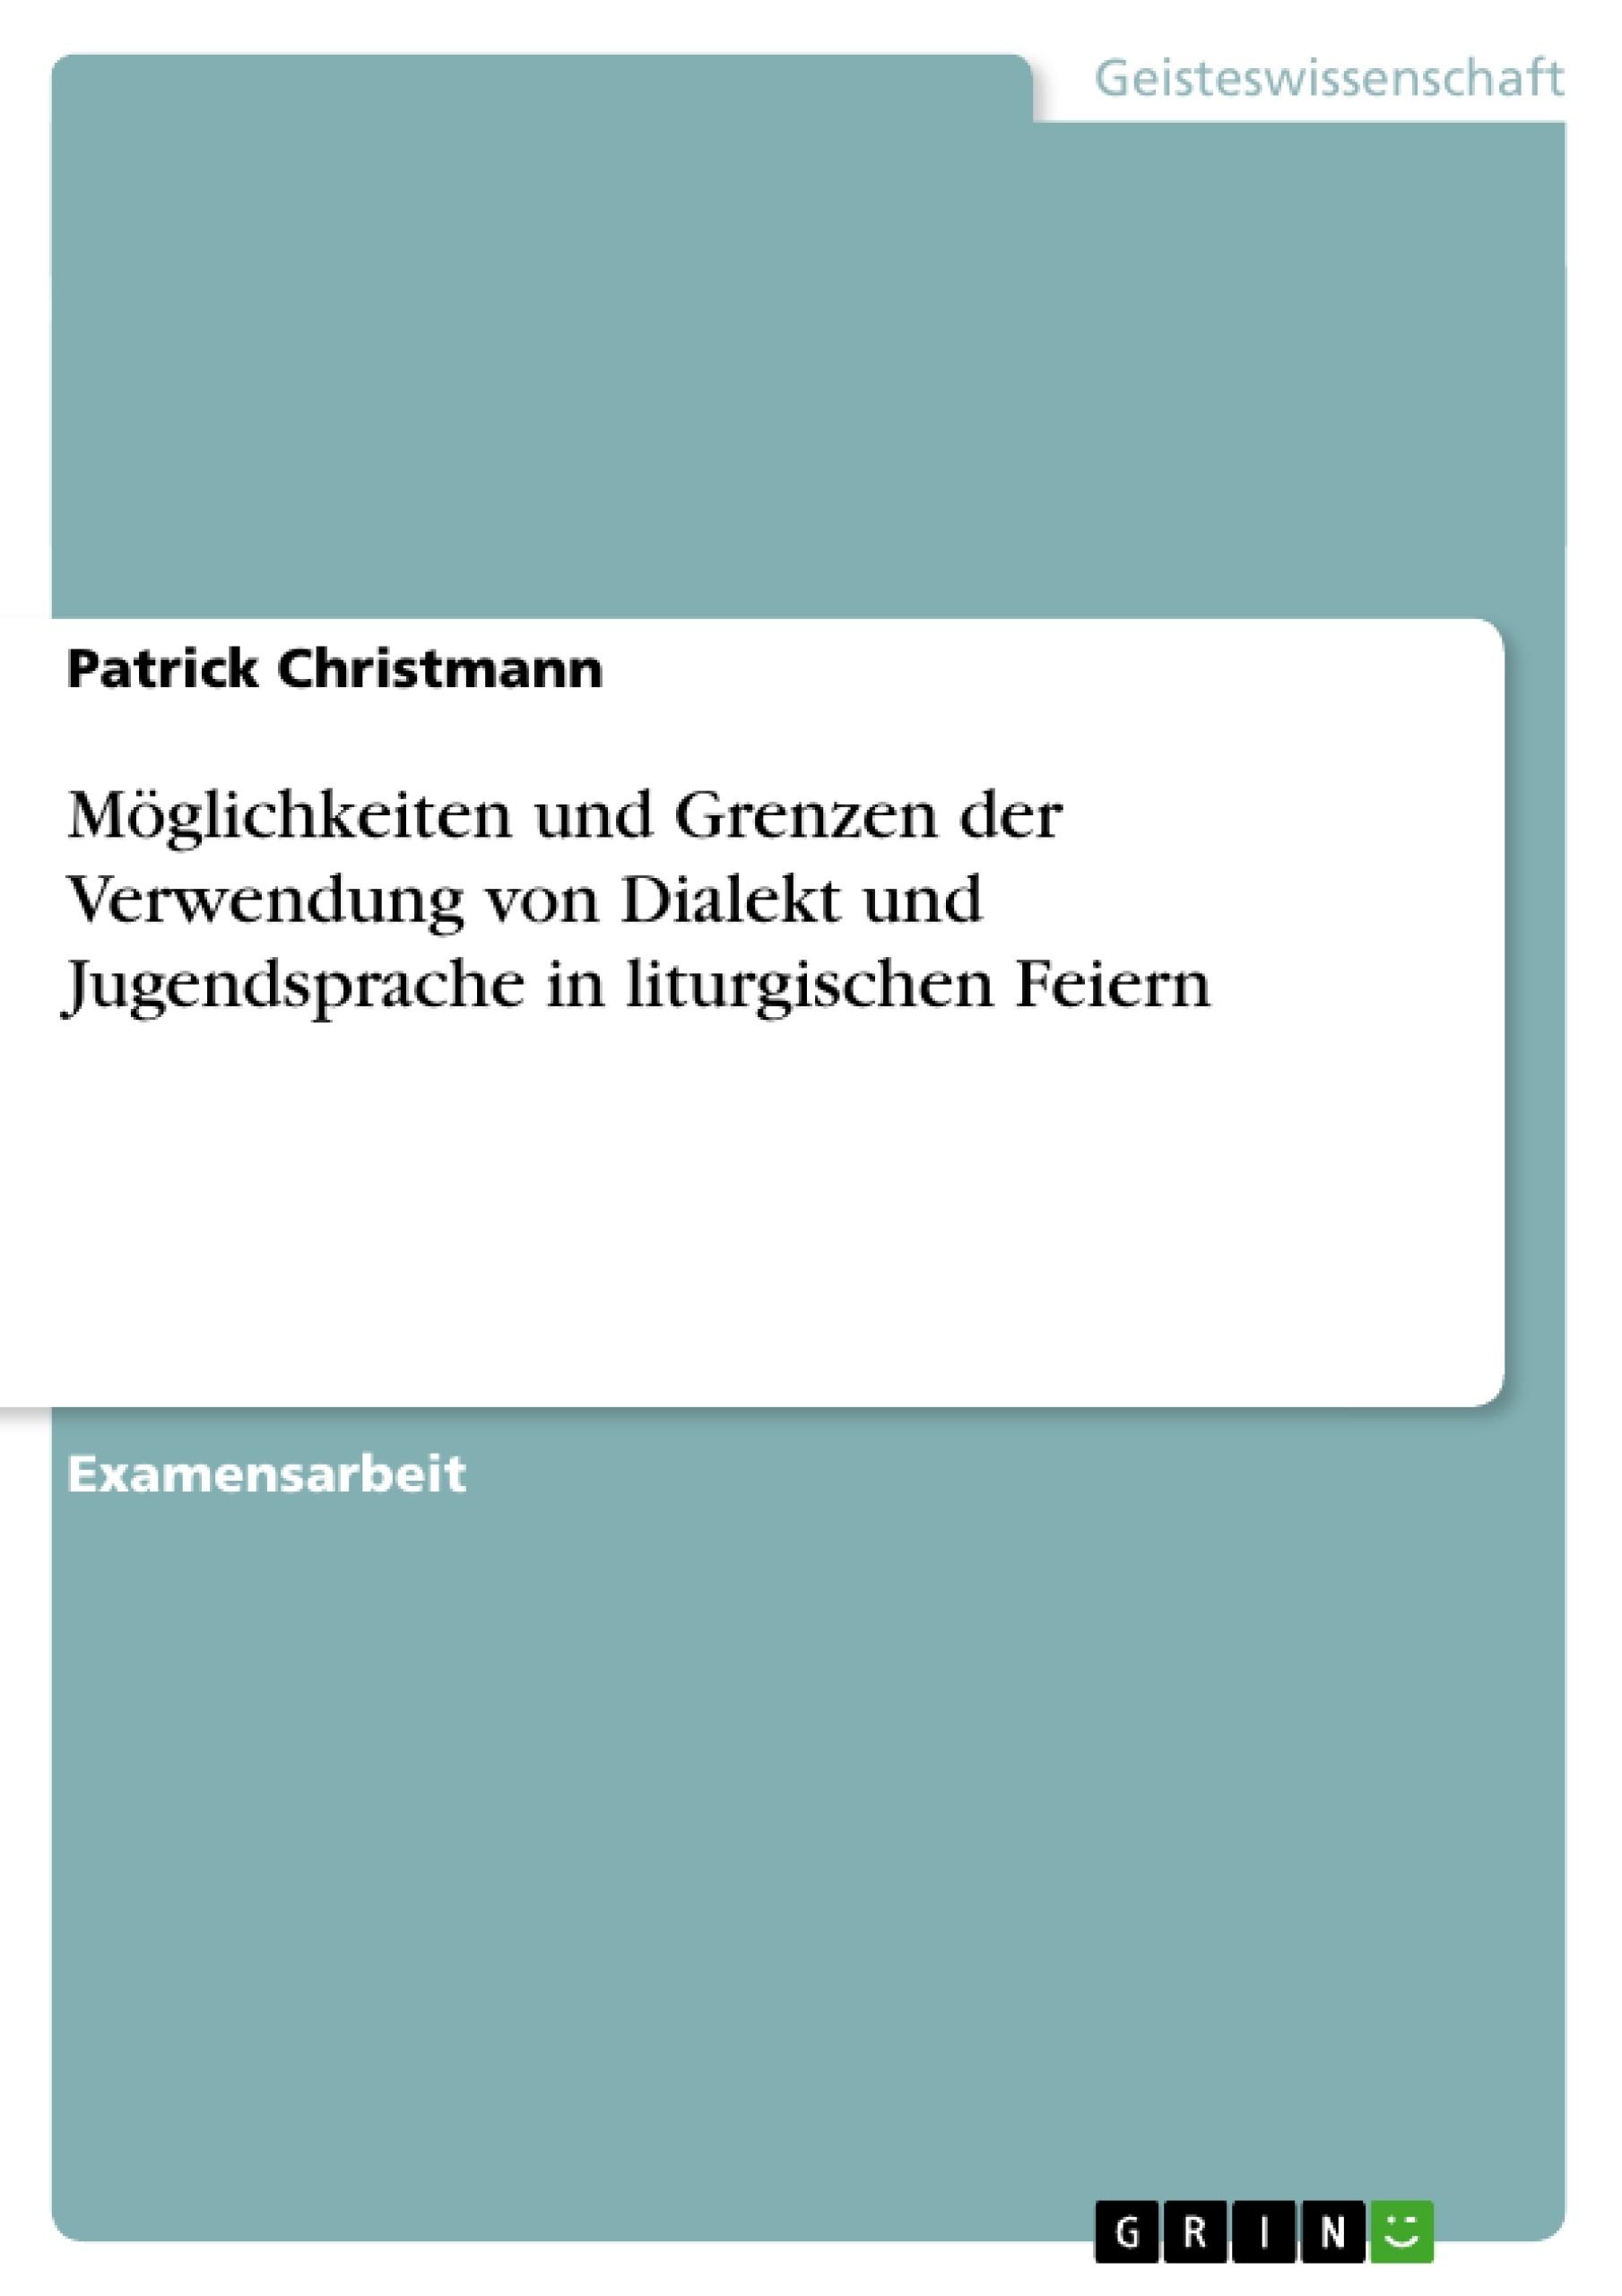 Titel: Möglichkeiten und Grenzen der Verwendung von Dialekt und Jugendsprache in liturgischen Feiern